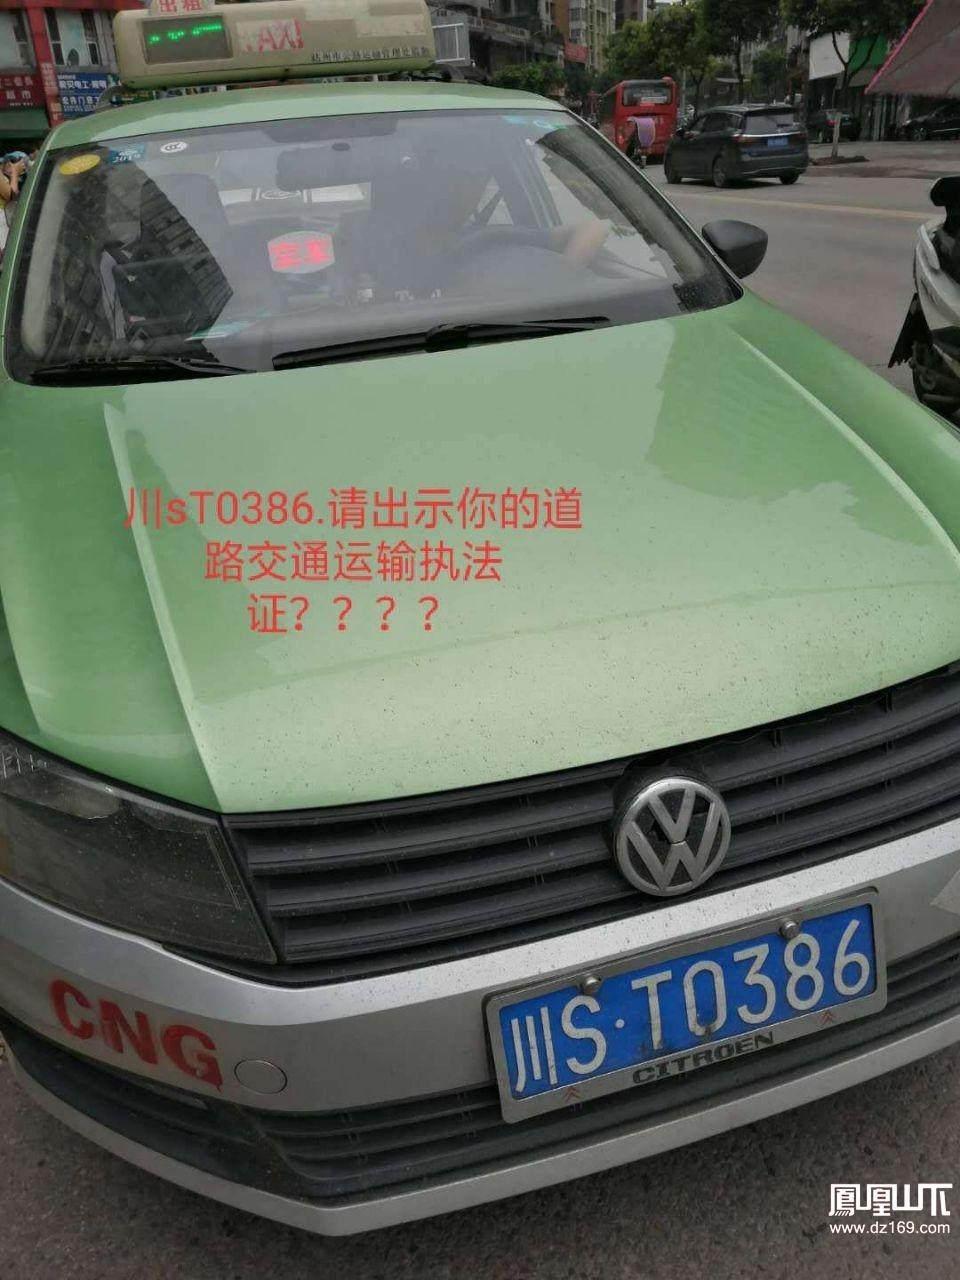 川ST0386,你能出示你的道路运输执法证吗???